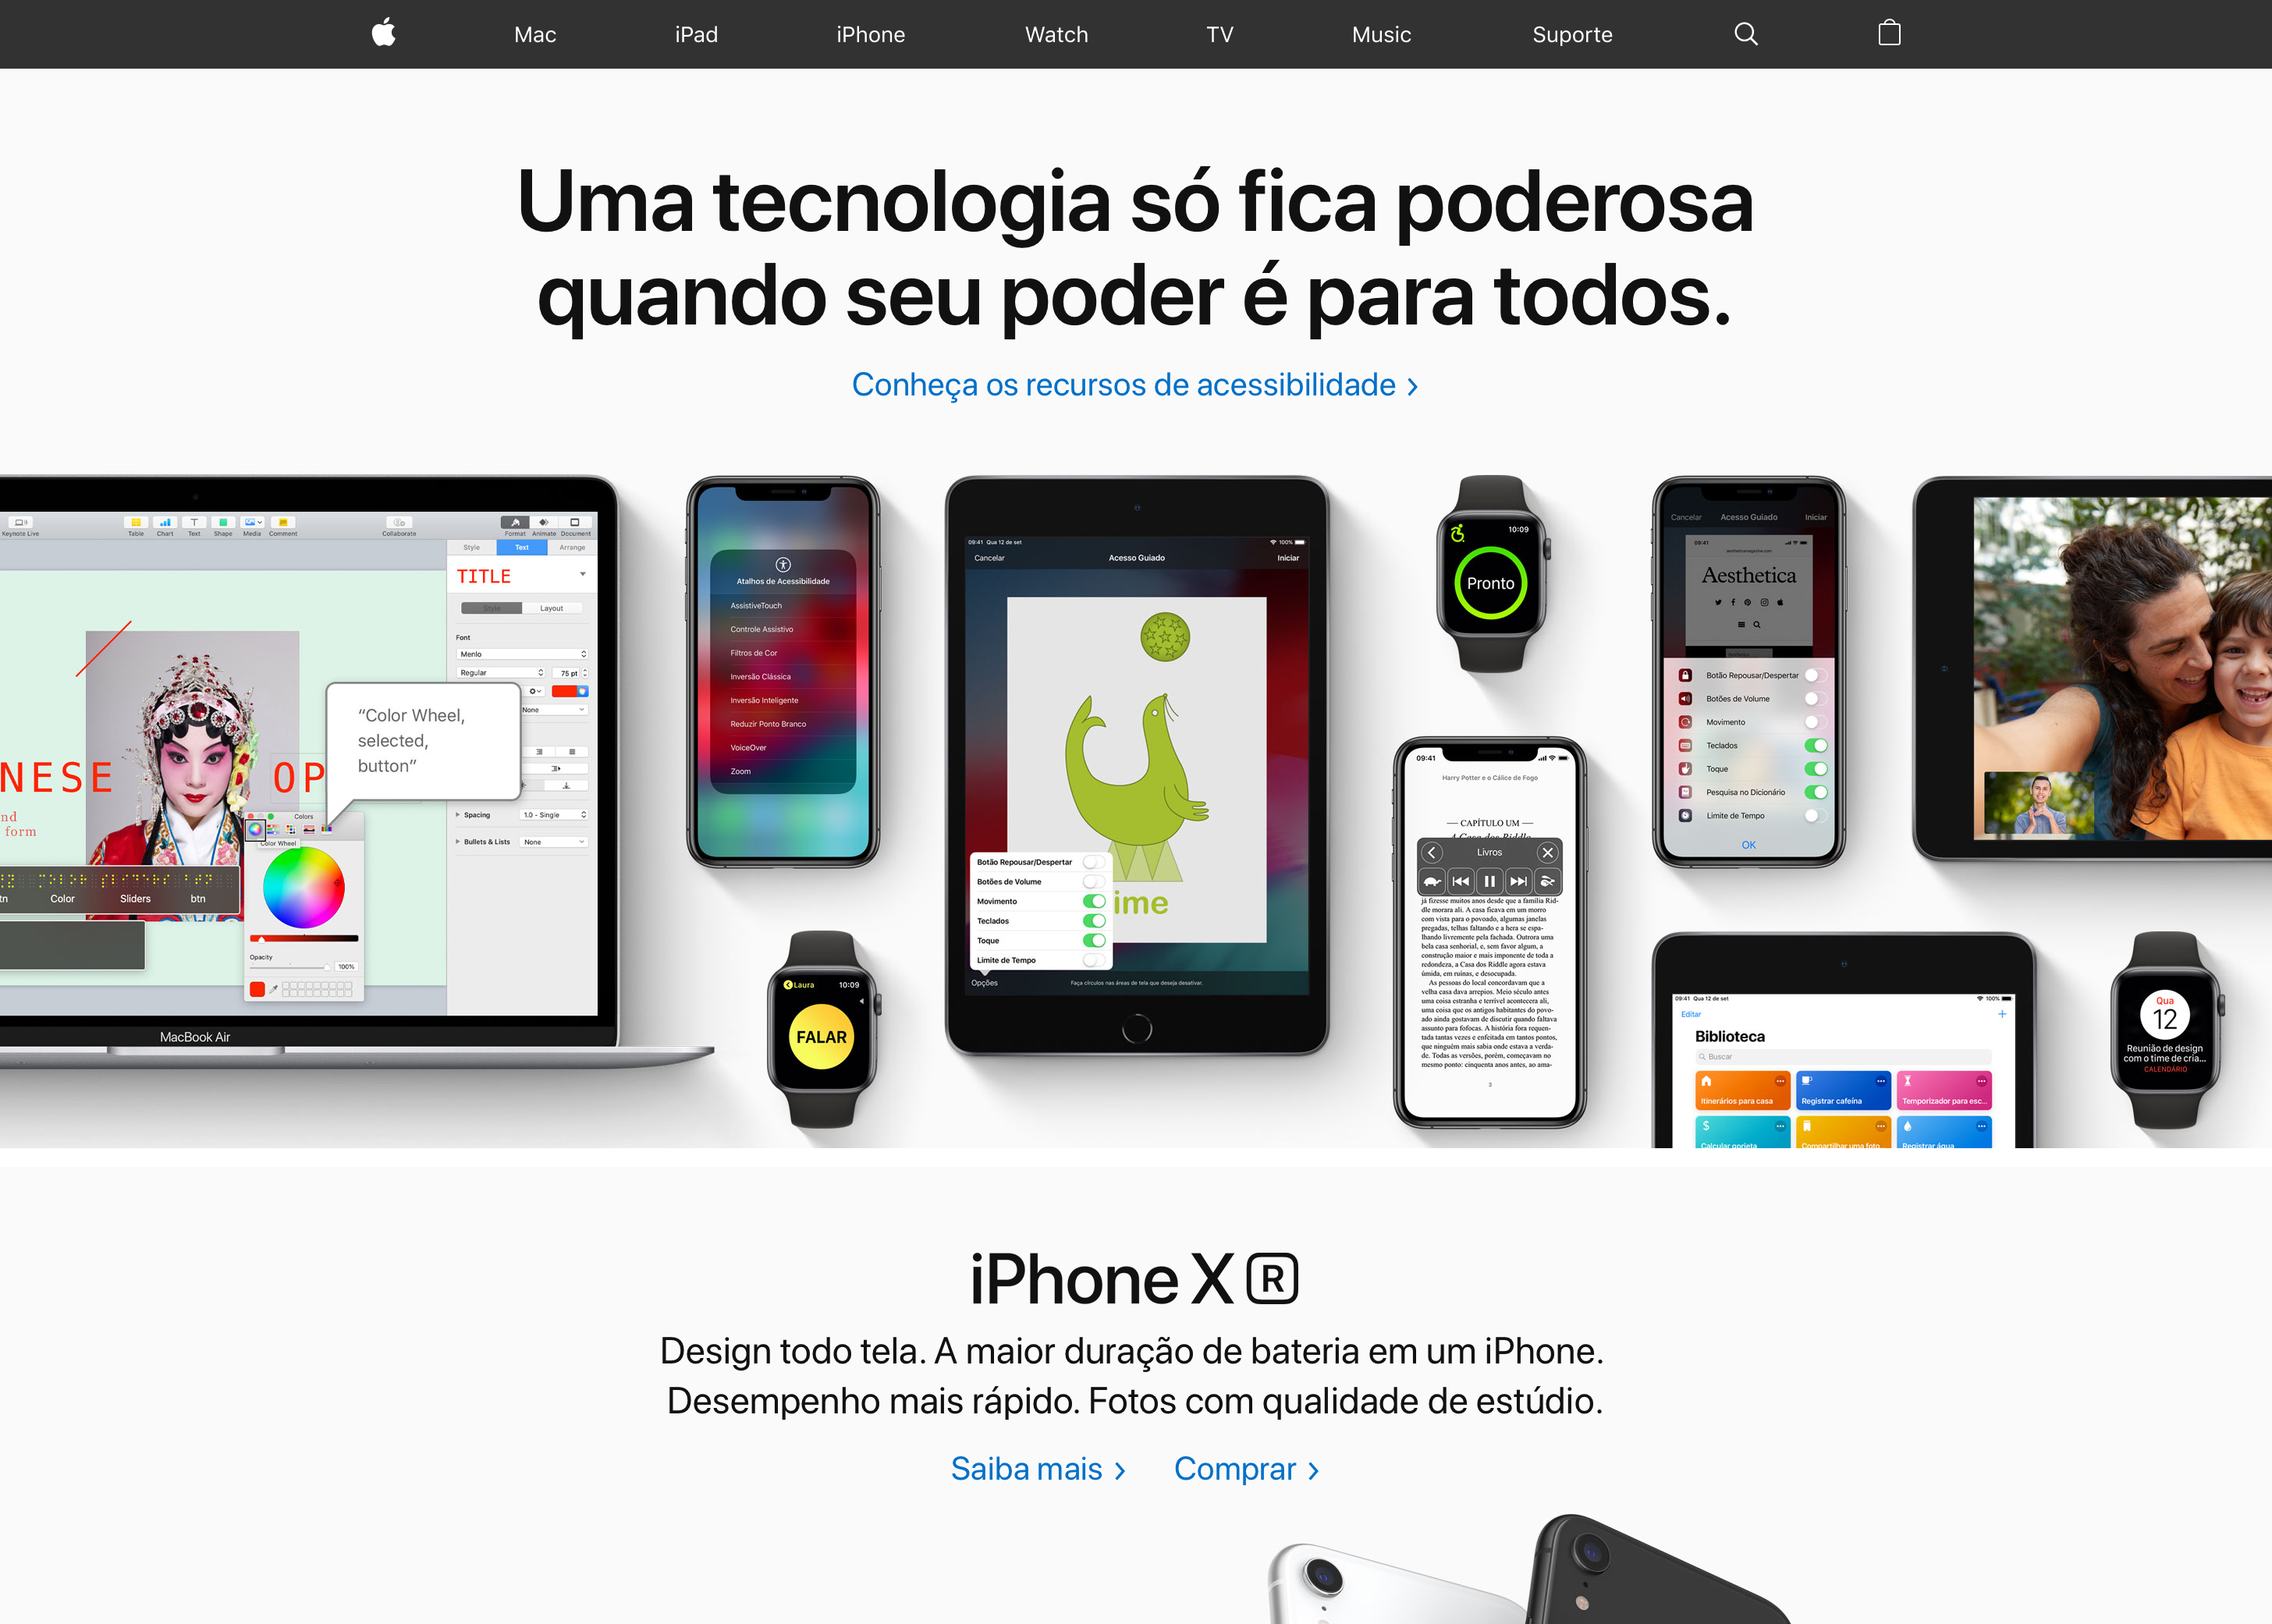 Acessibilidade no site da Apple